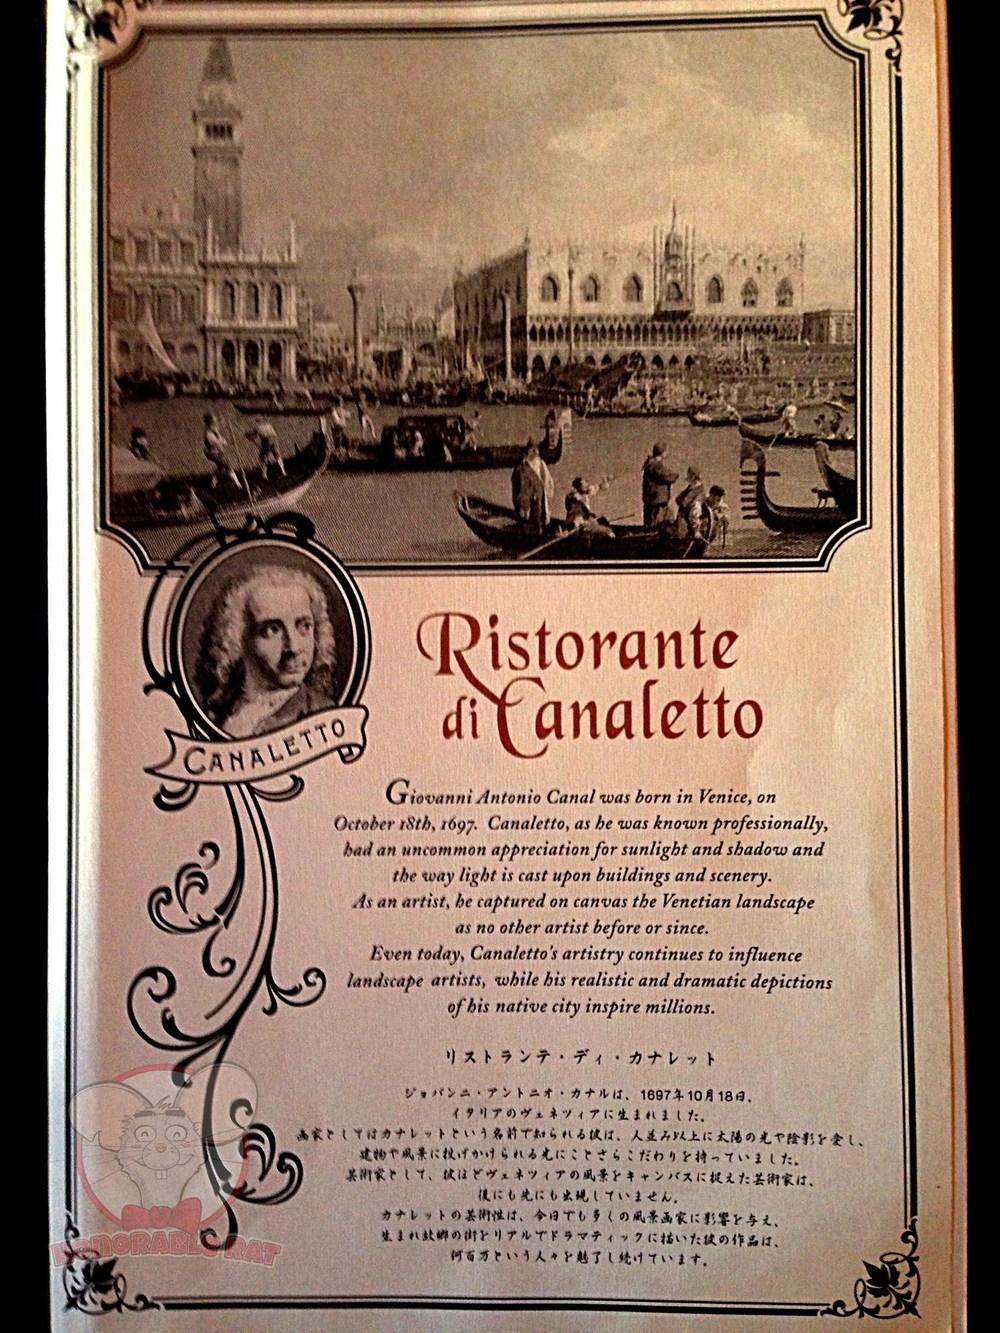 Ristorante Di Canaletto's Menu